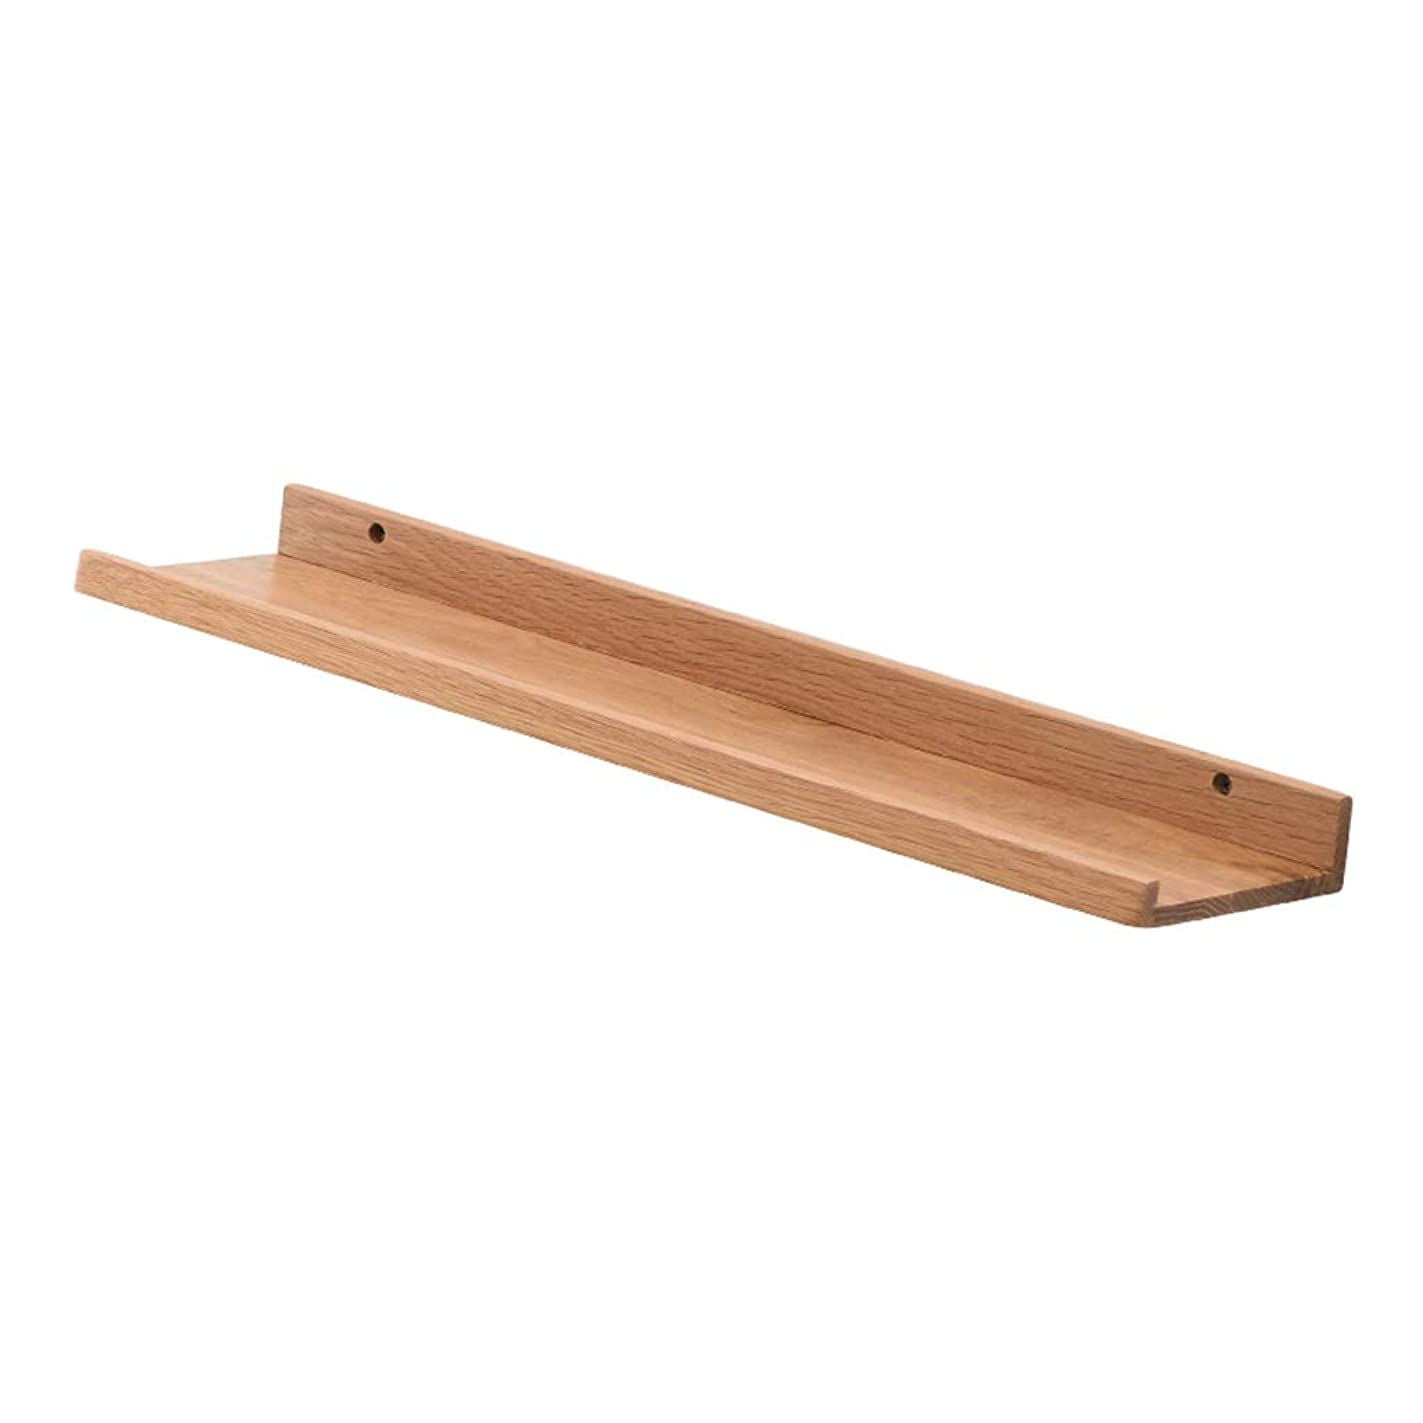 特に故障アリGY 無垢材 フローティングウォールシェルフ 壁シェルフラック デコレーション リビングルームのベッドルーム コレクターグッズ、 トロフィー棚ディスプレイスタンド 木の色 (色 : 木の色, サイズ さいず : 60 cm 60 cm)